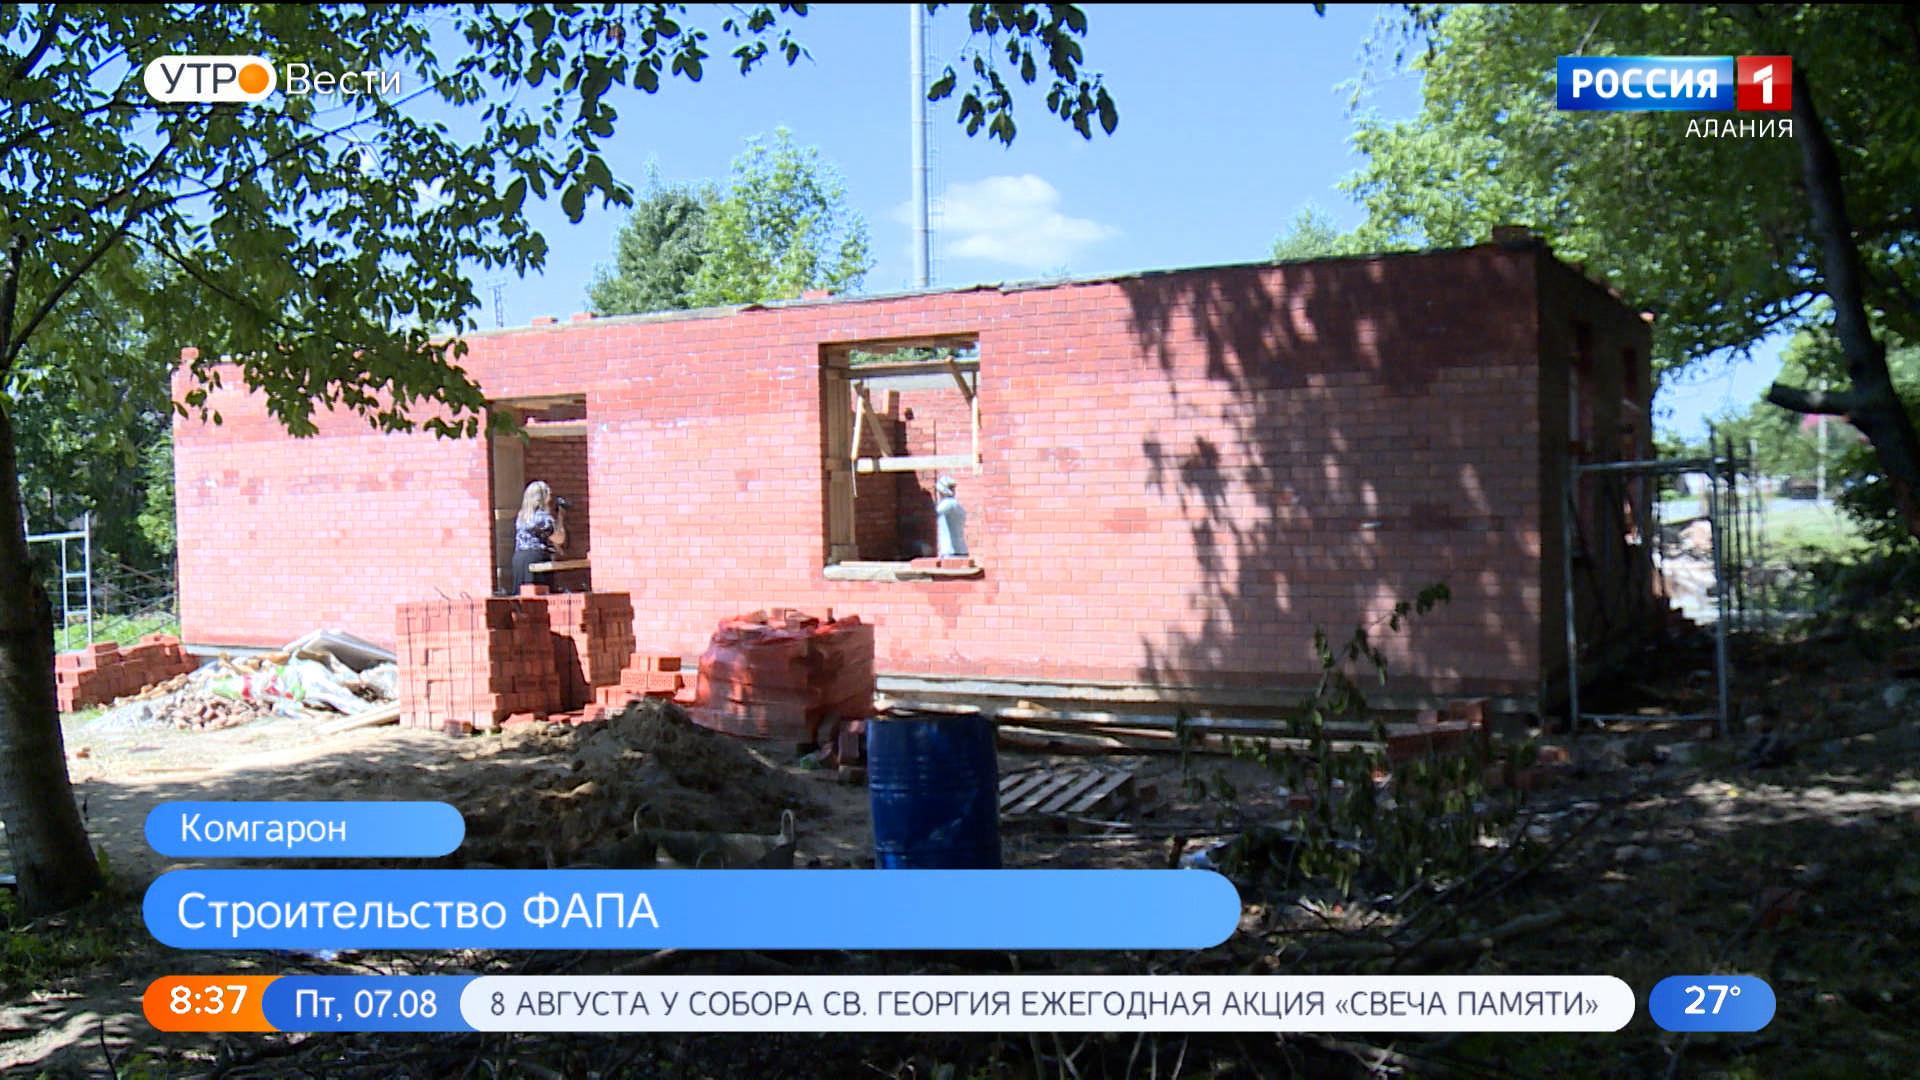 В Комгароне продолжается строительство фельдшерско-акушерского пункта